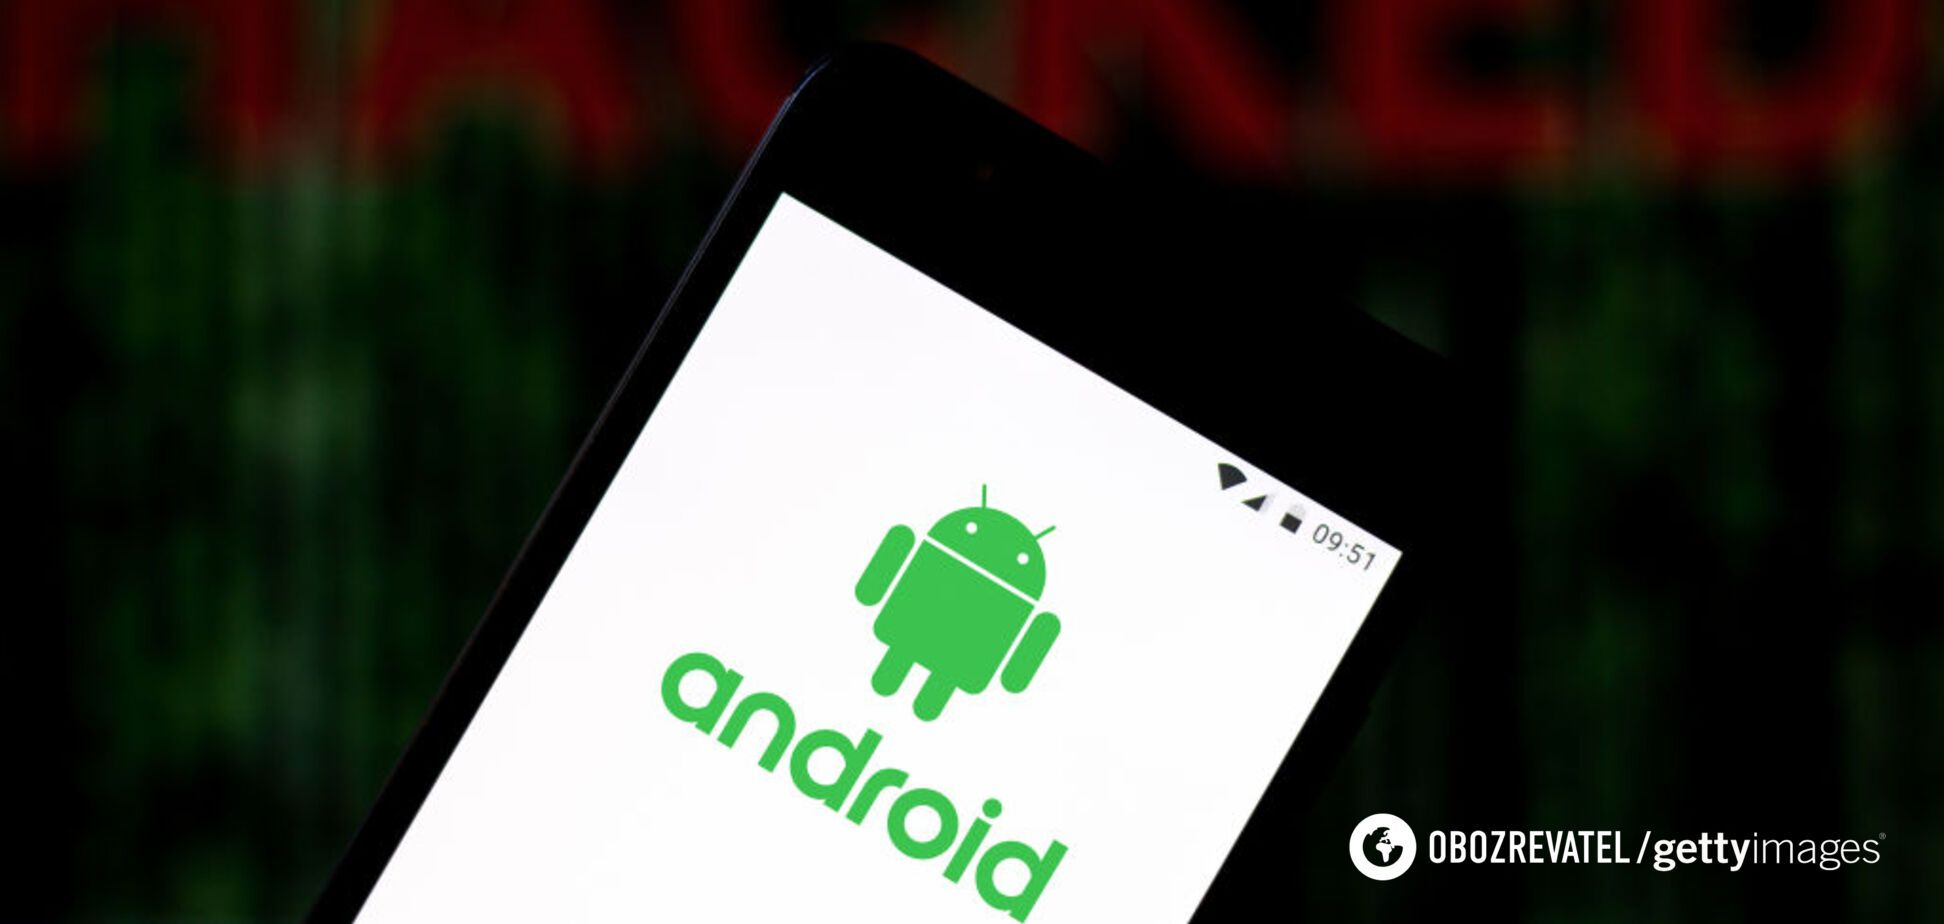 Почему Android тормозит и как с этим бороться: советы экспертов